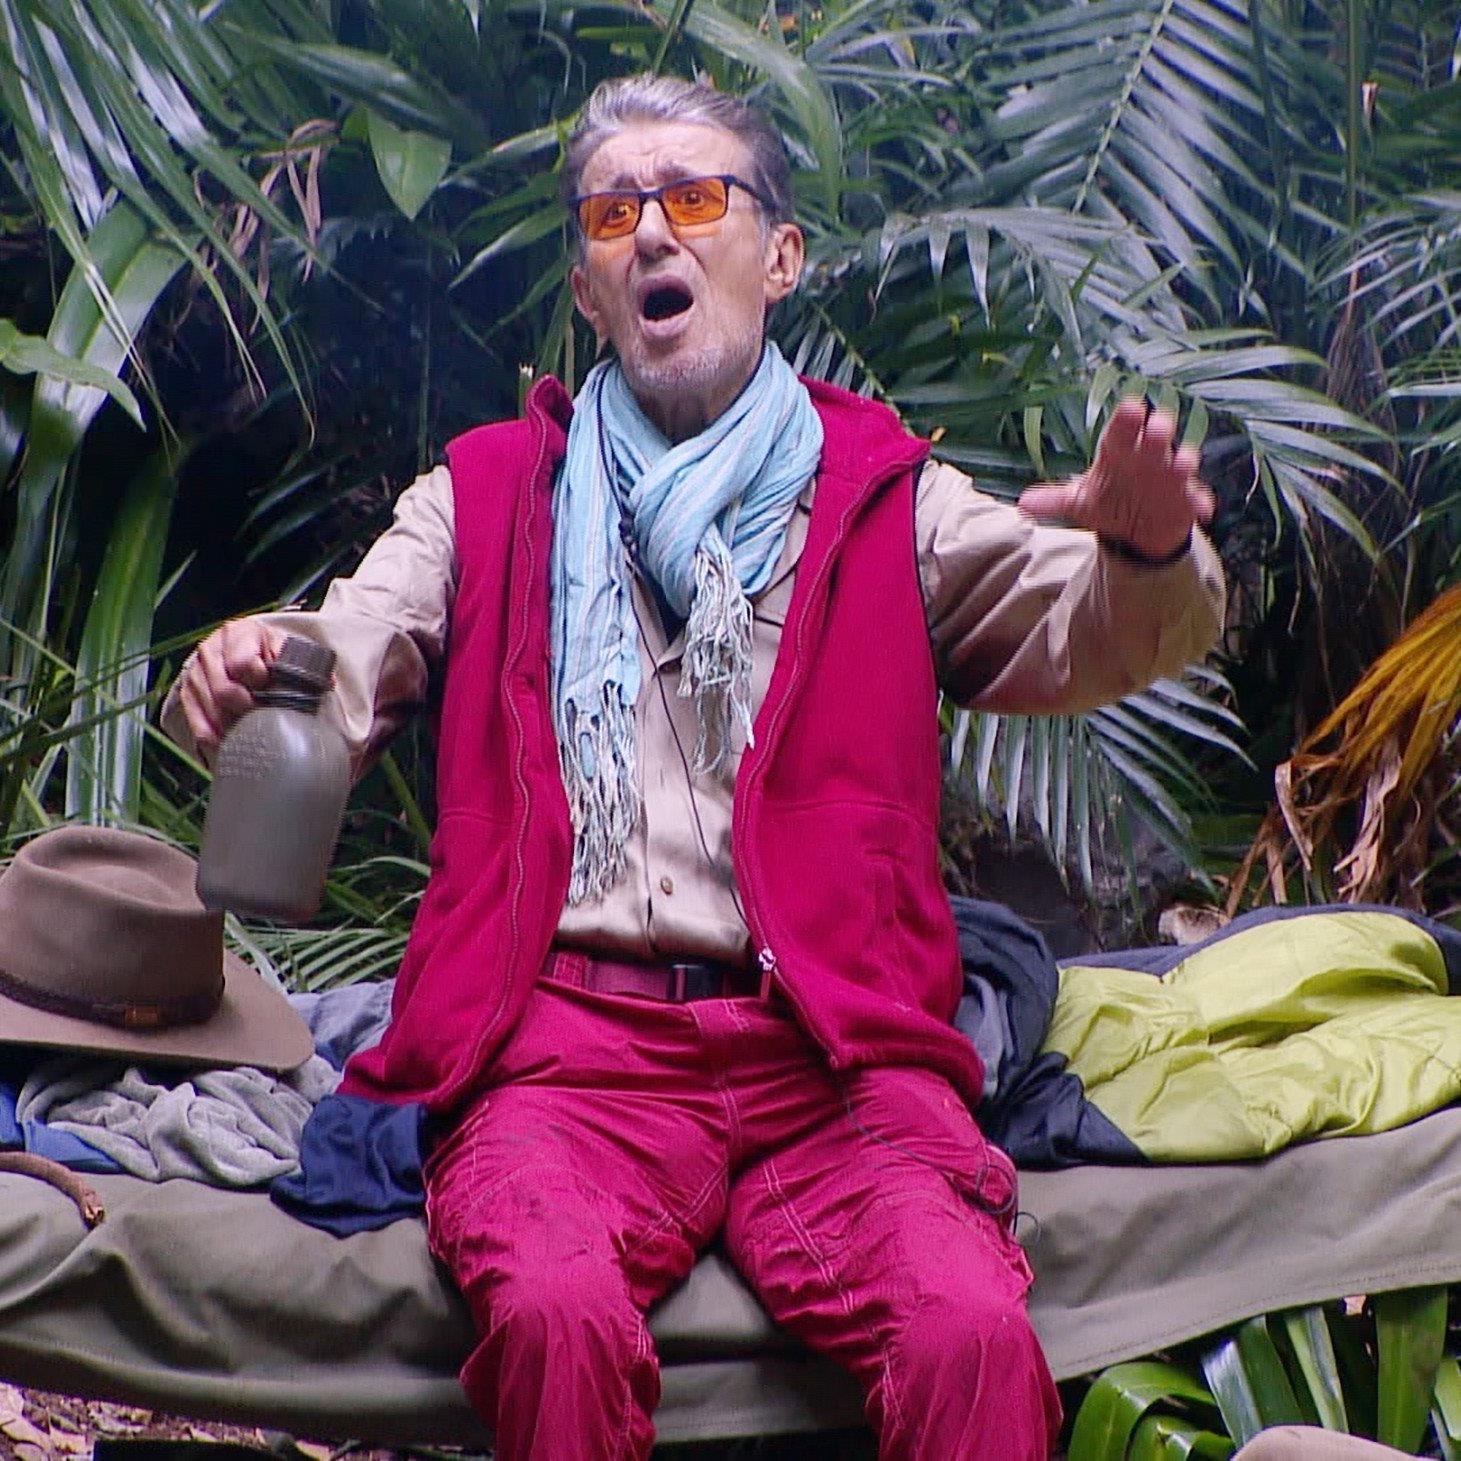 Rolf und David müssen das Dschungelcamp am 8. Tag verlassen.